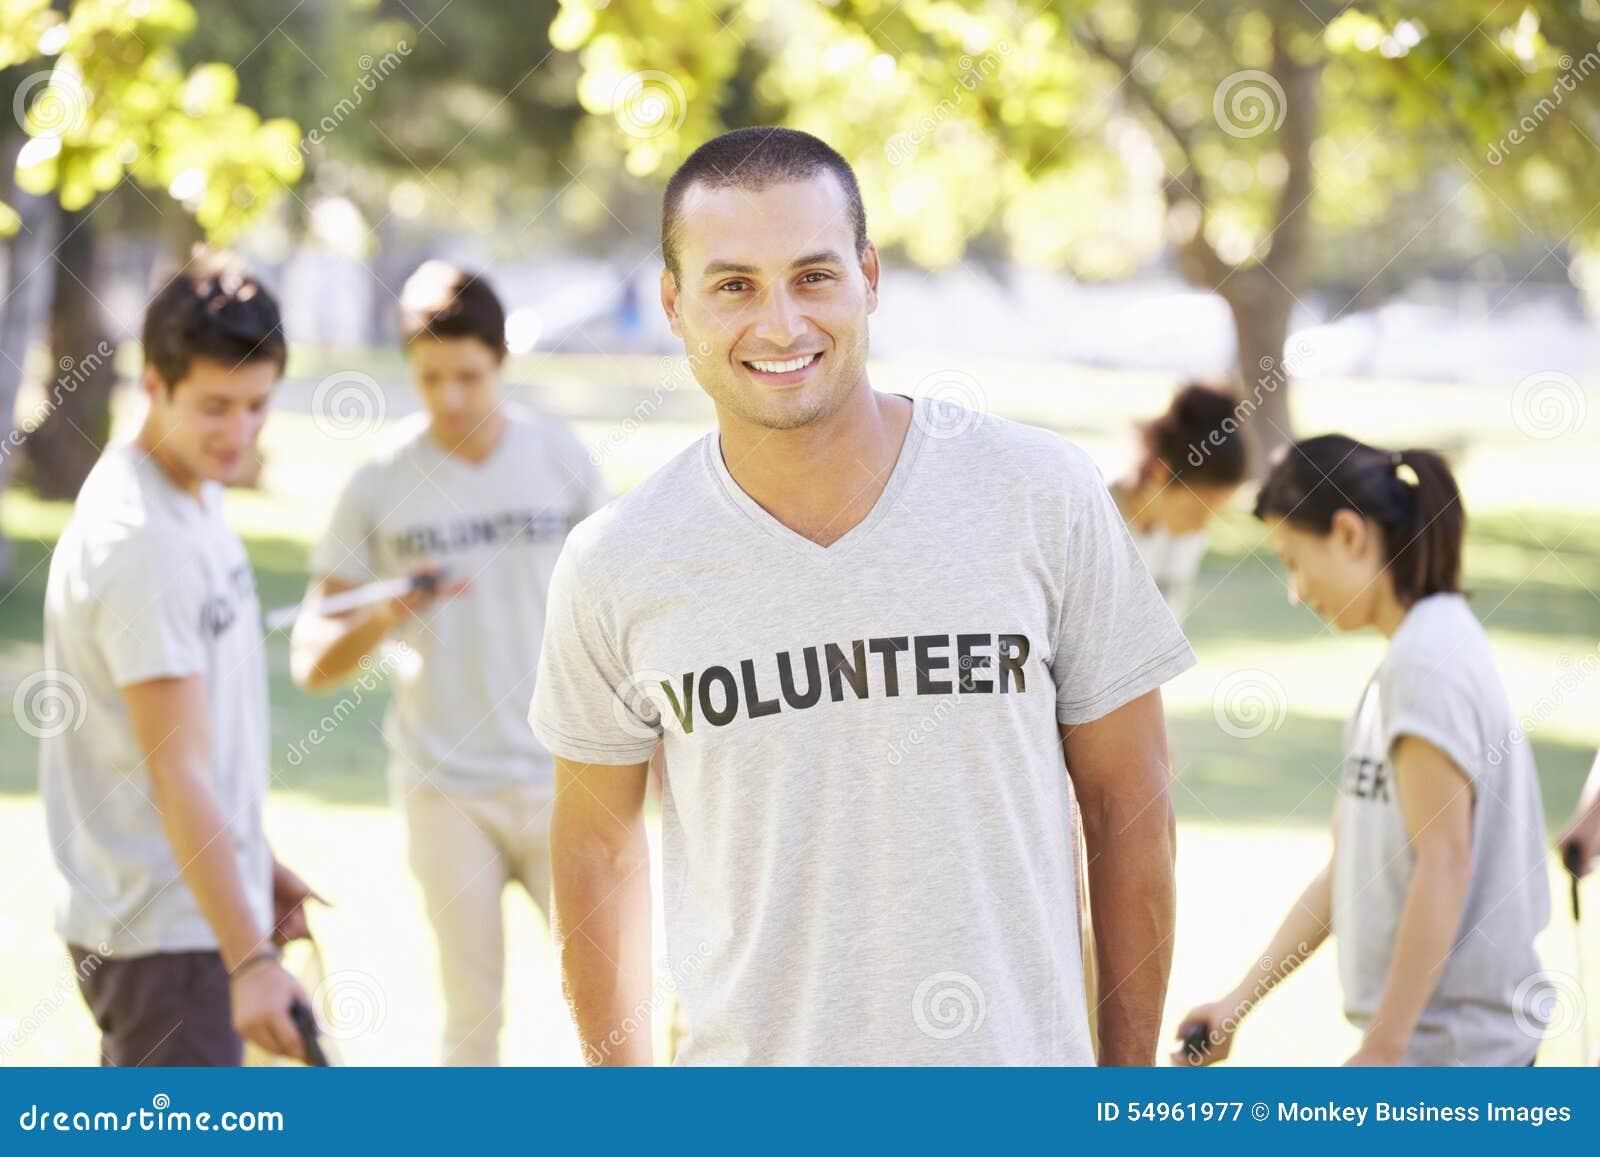 Volunteer Group That 89